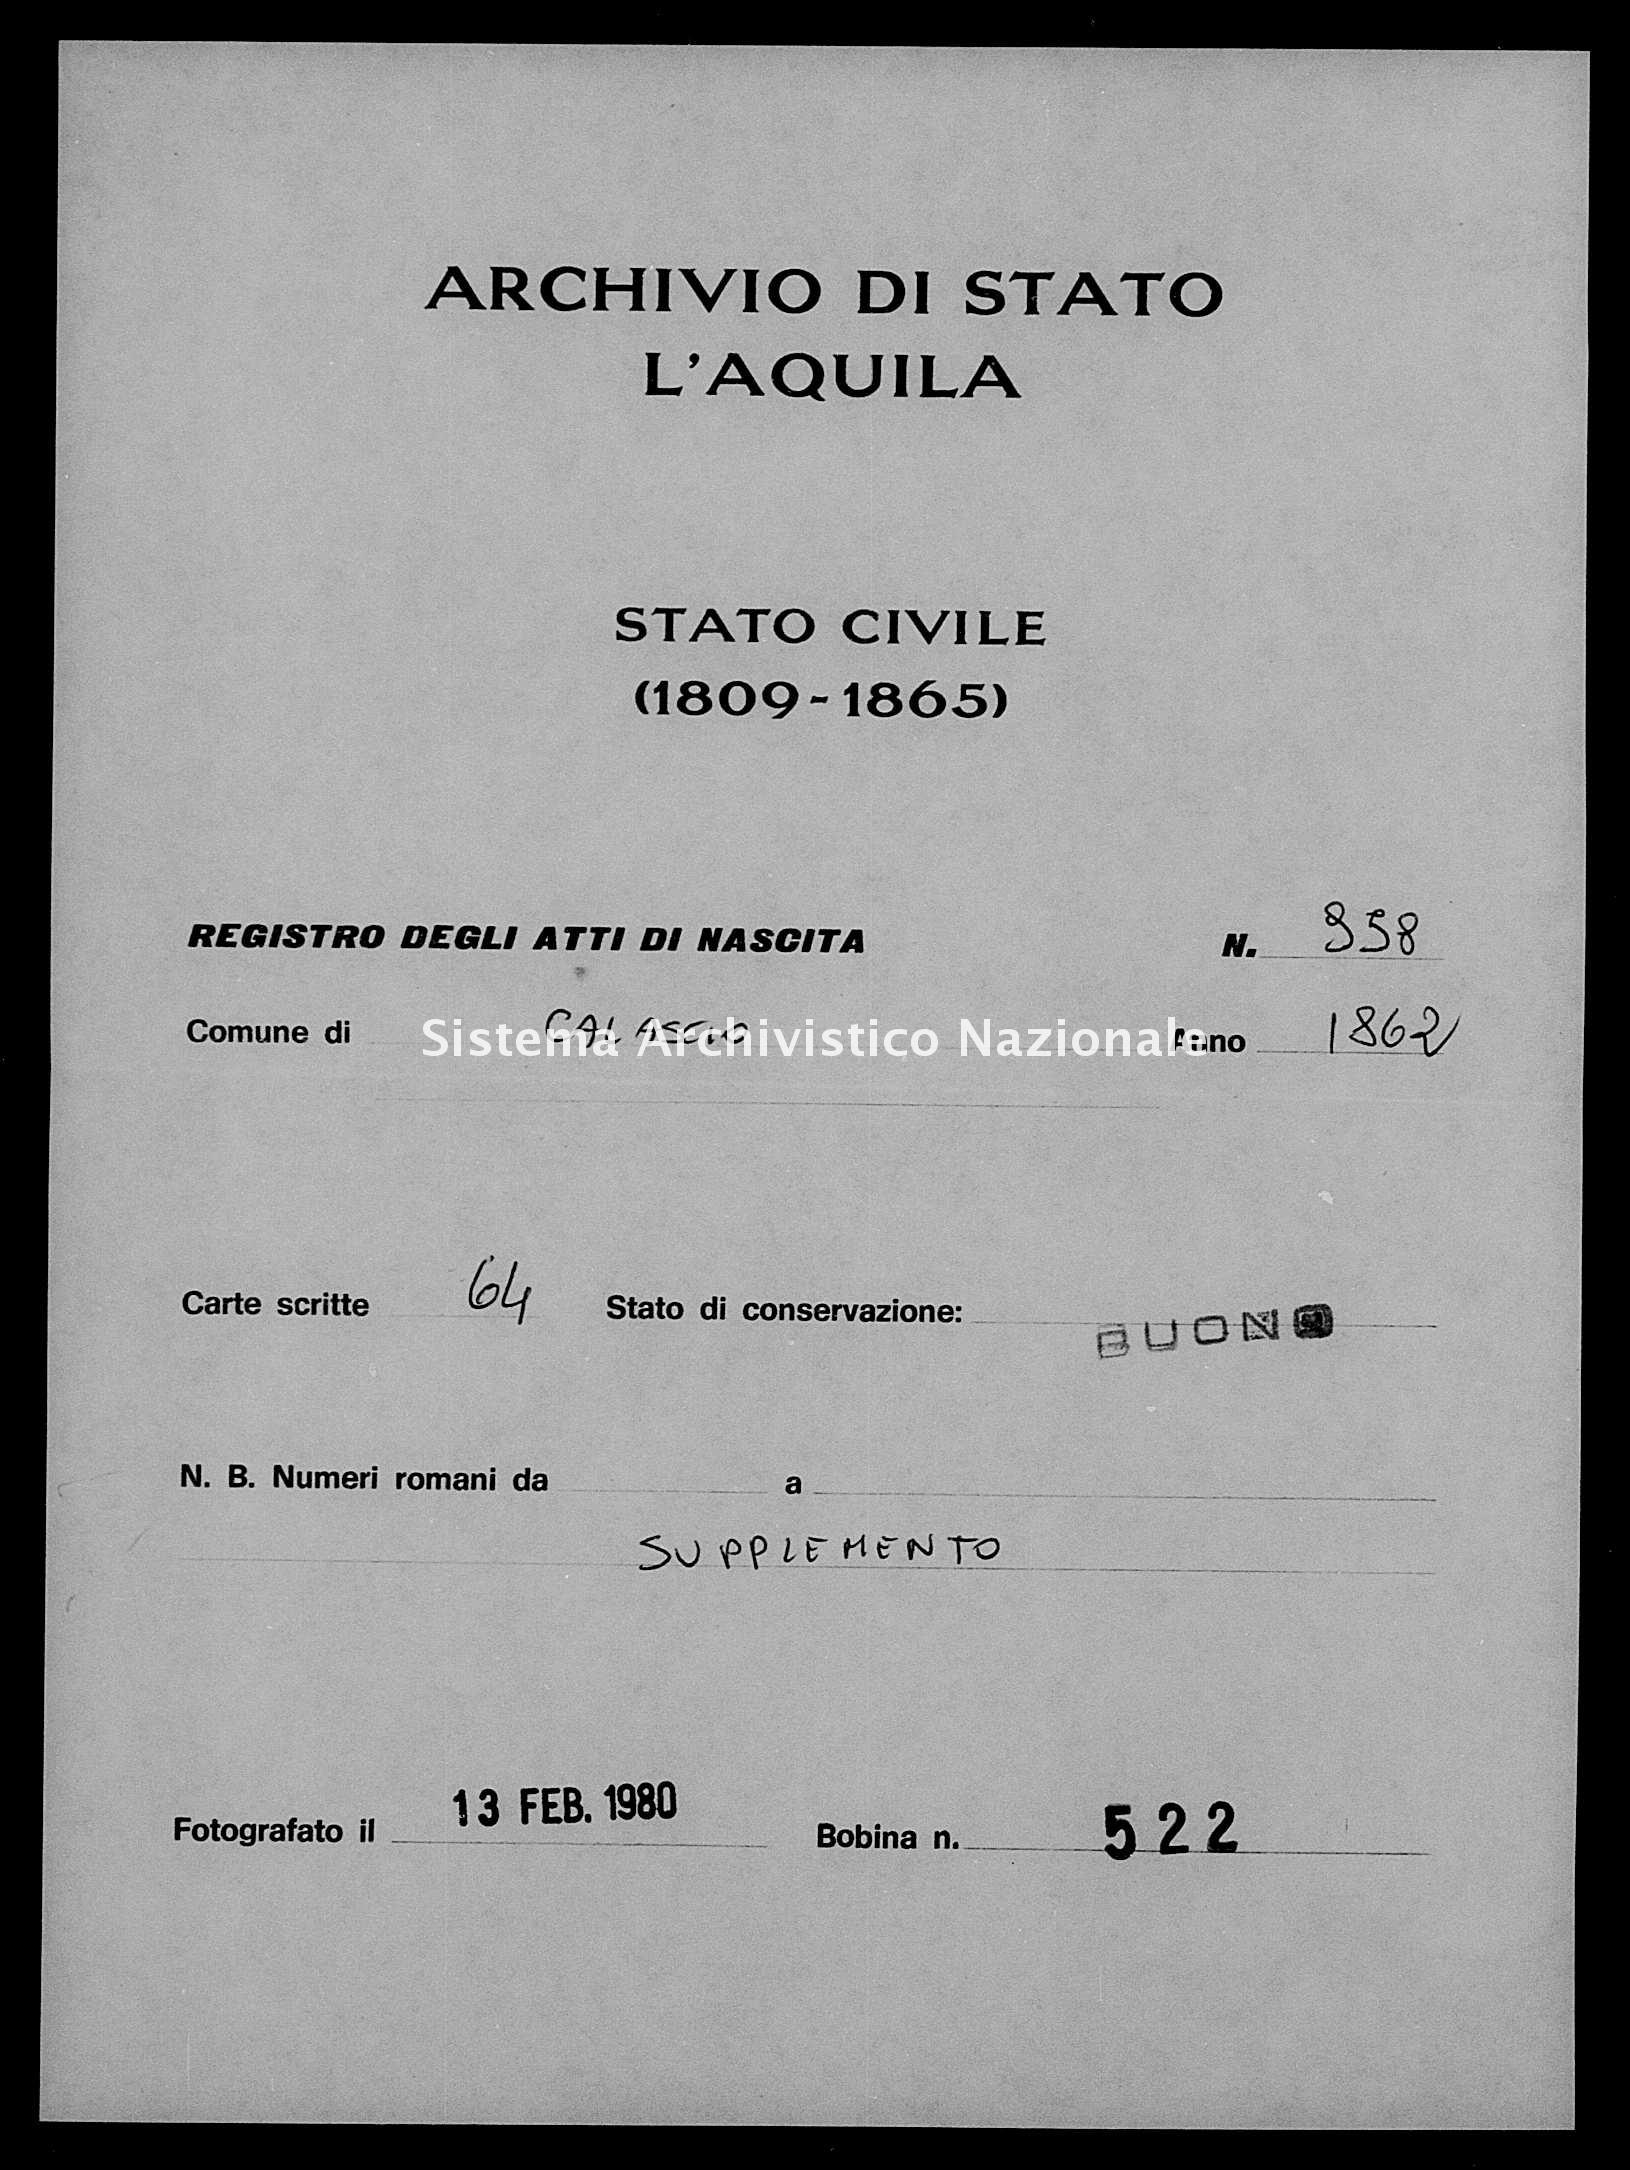 Archivio di stato di L'aquila - Stato civile italiano - Calascio - Nati, battesimi - 1862 - 958 -